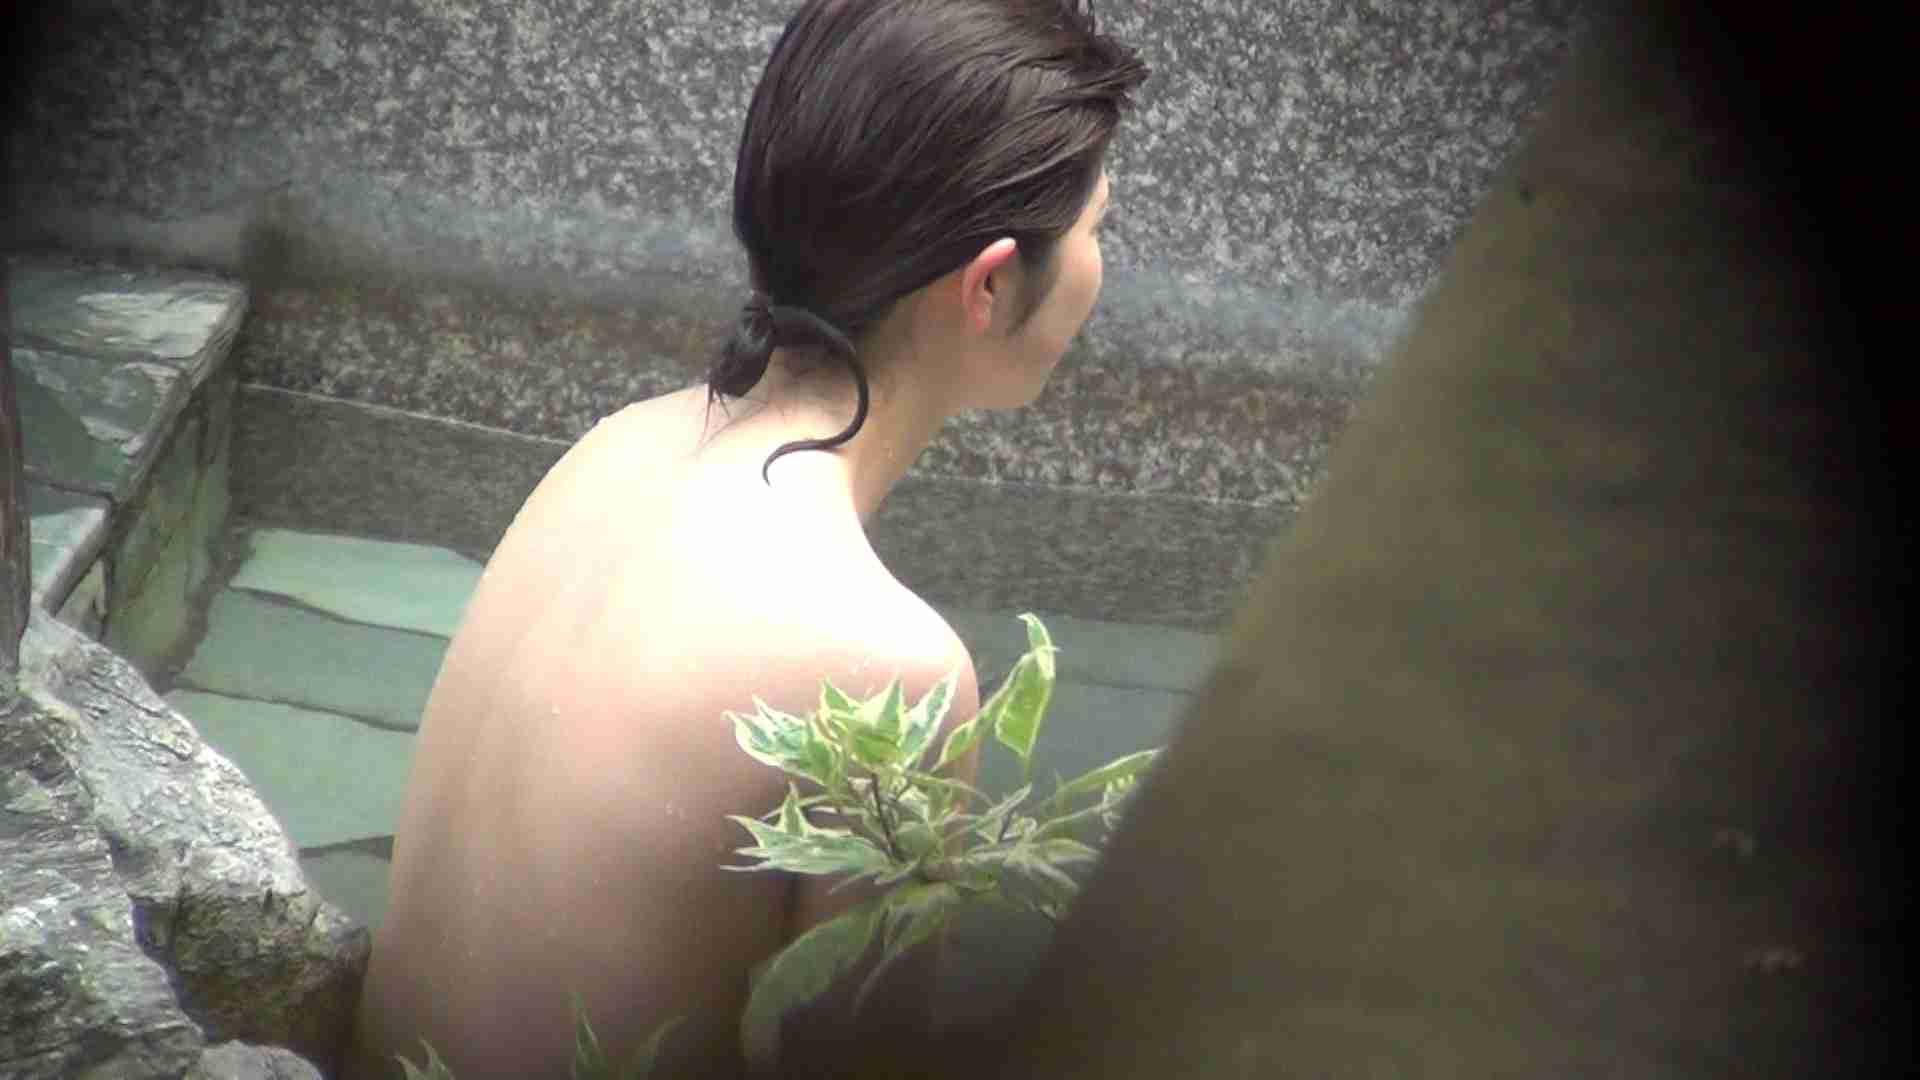 Aquaな露天風呂Vol.262 美しいOLの裸体 濡れ場動画紹介 91pic 77